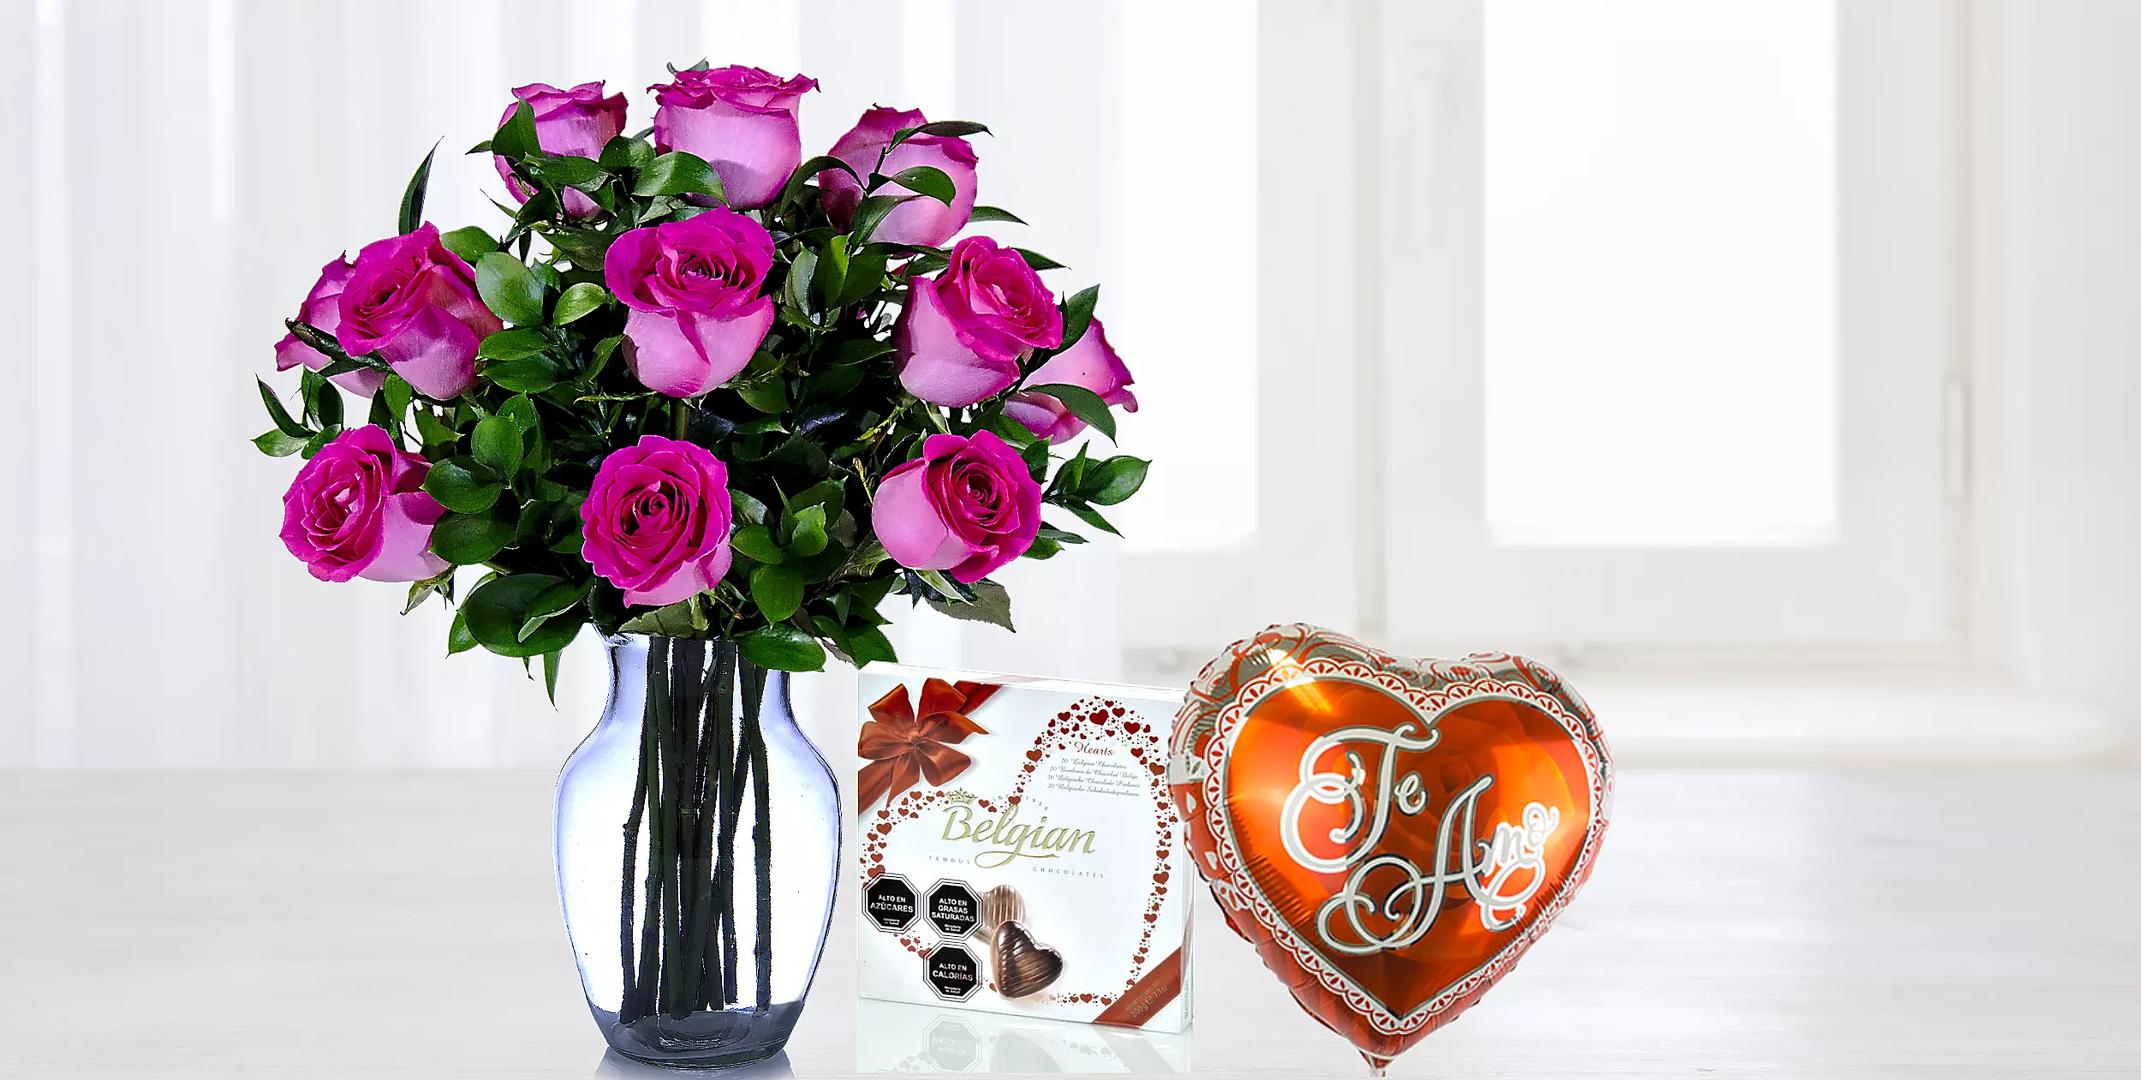 Pack De Docena De Rosas Rosadas Con Chocolate Y Globo Te Amo